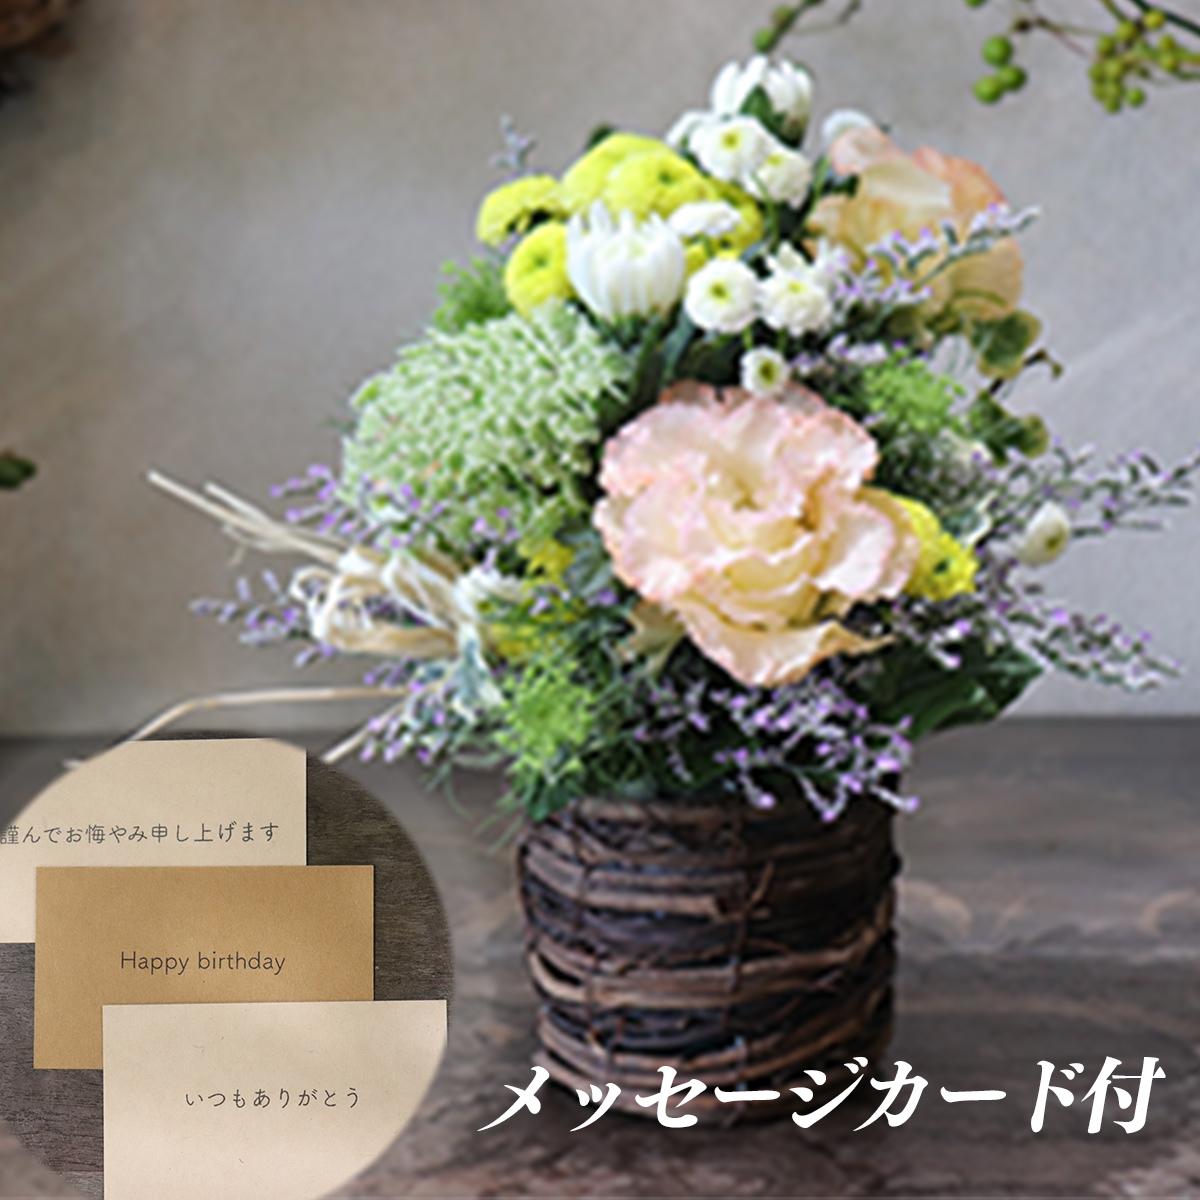 【ふるさと納税】和花と名取産のお花を使ったお供えフラワーアレンジ(感謝のメッセージカード付)